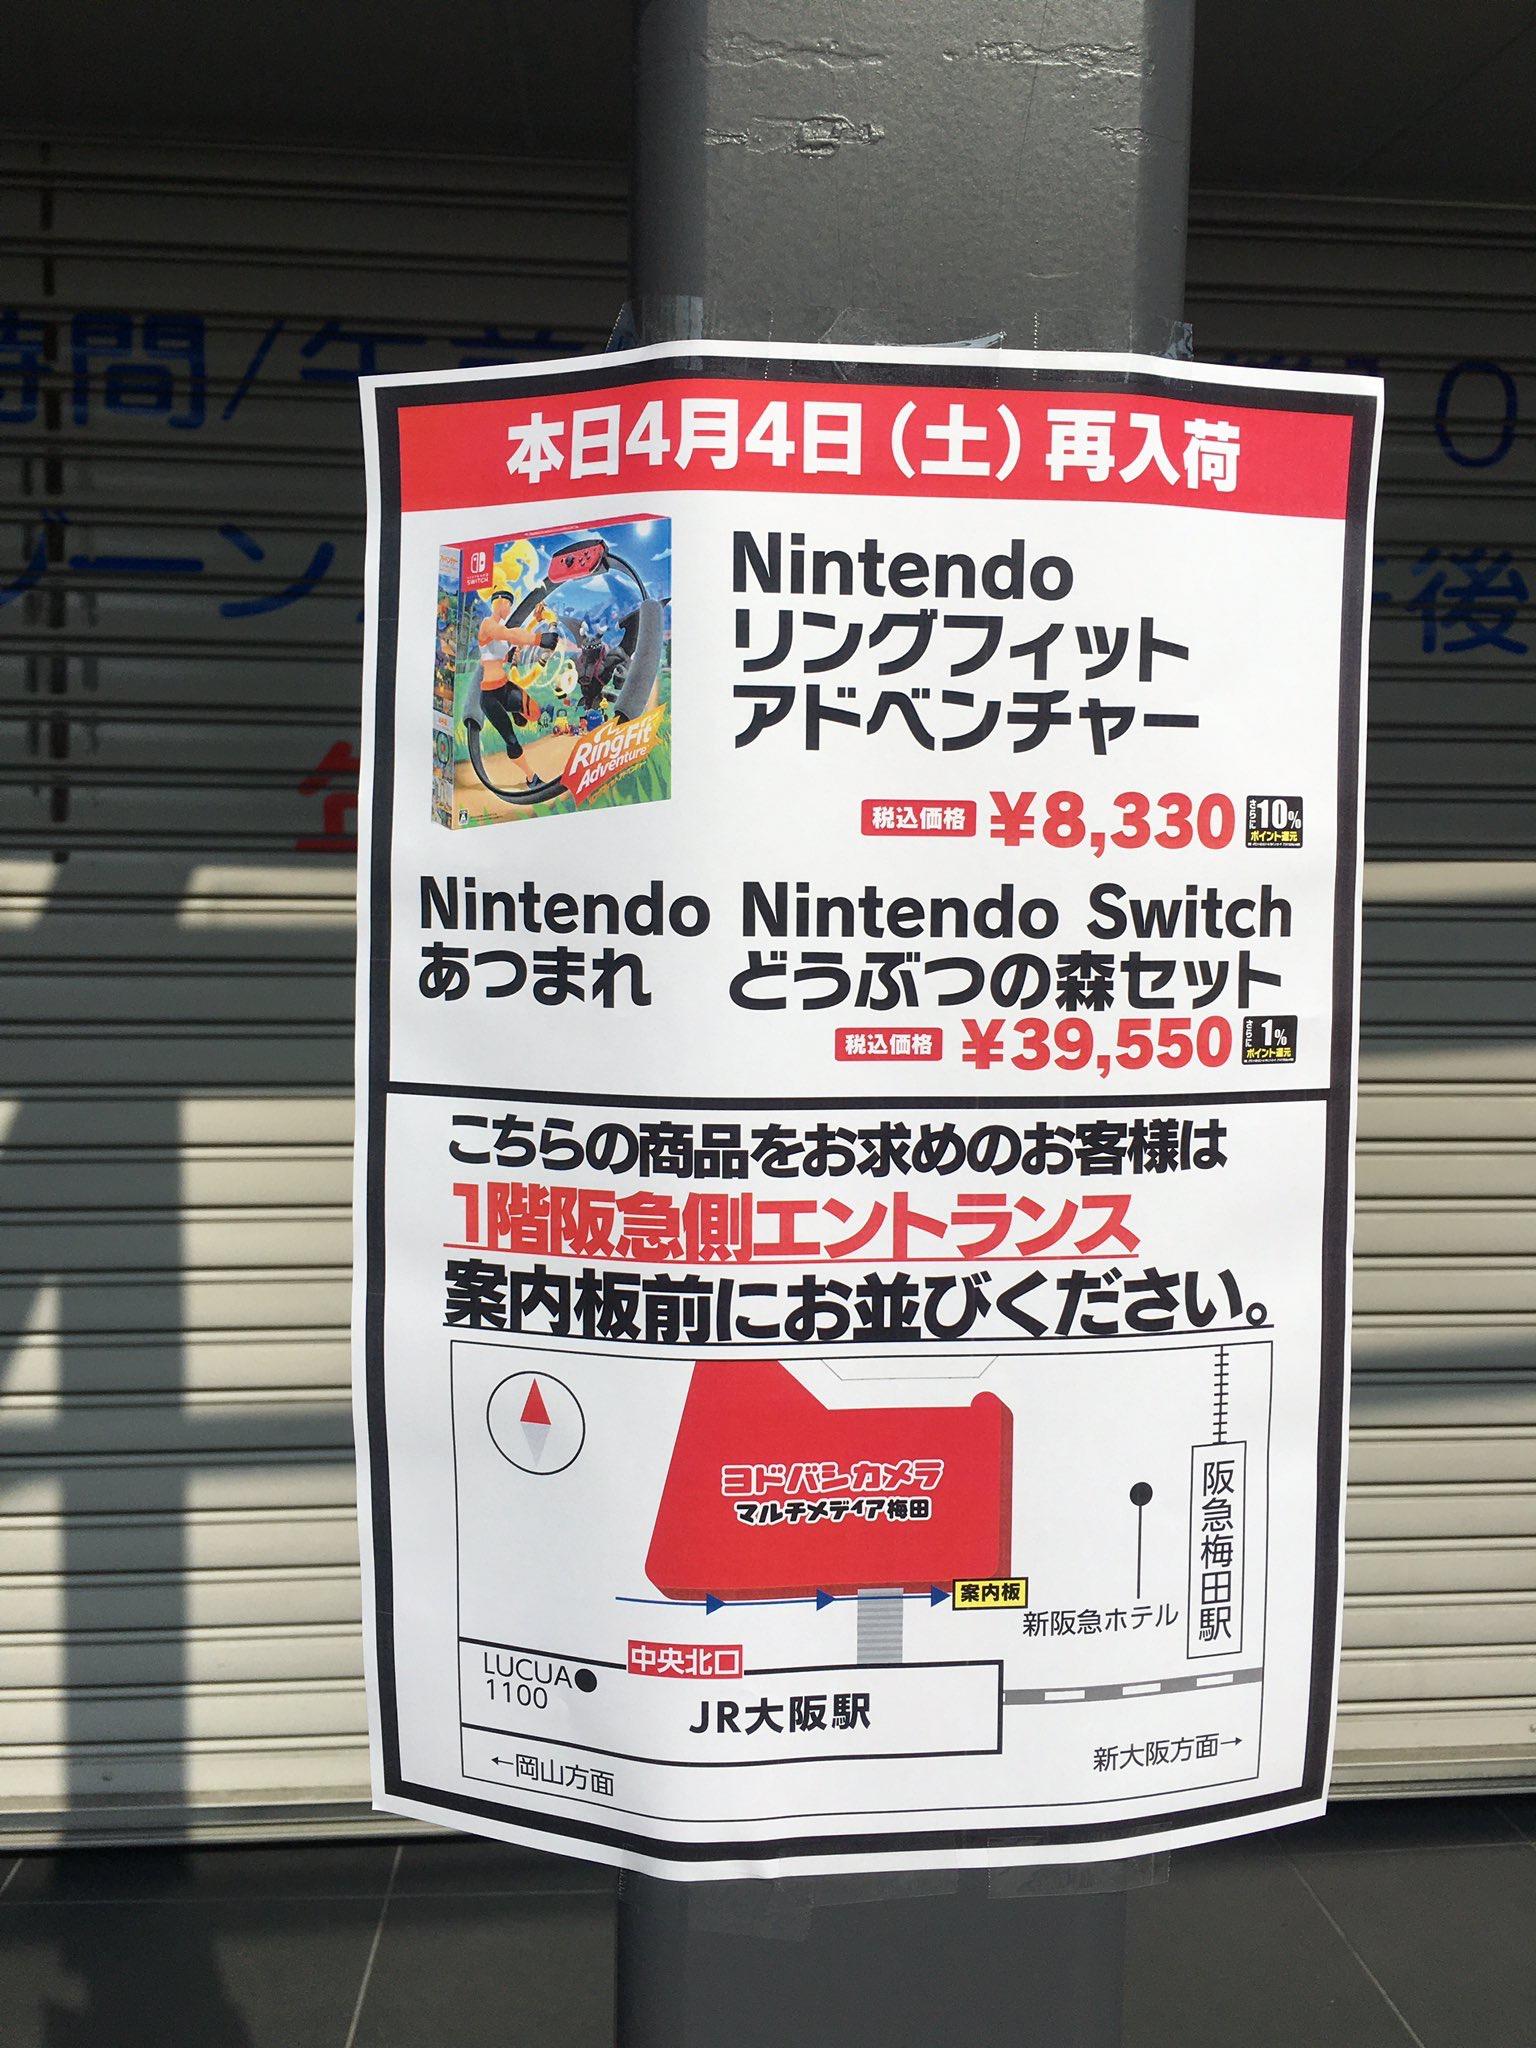 2 5 - 【任天悲報】任天堂さん、任天堂Switch再出荷でとんでもない任天堂行列を作らせてしまう【任天】